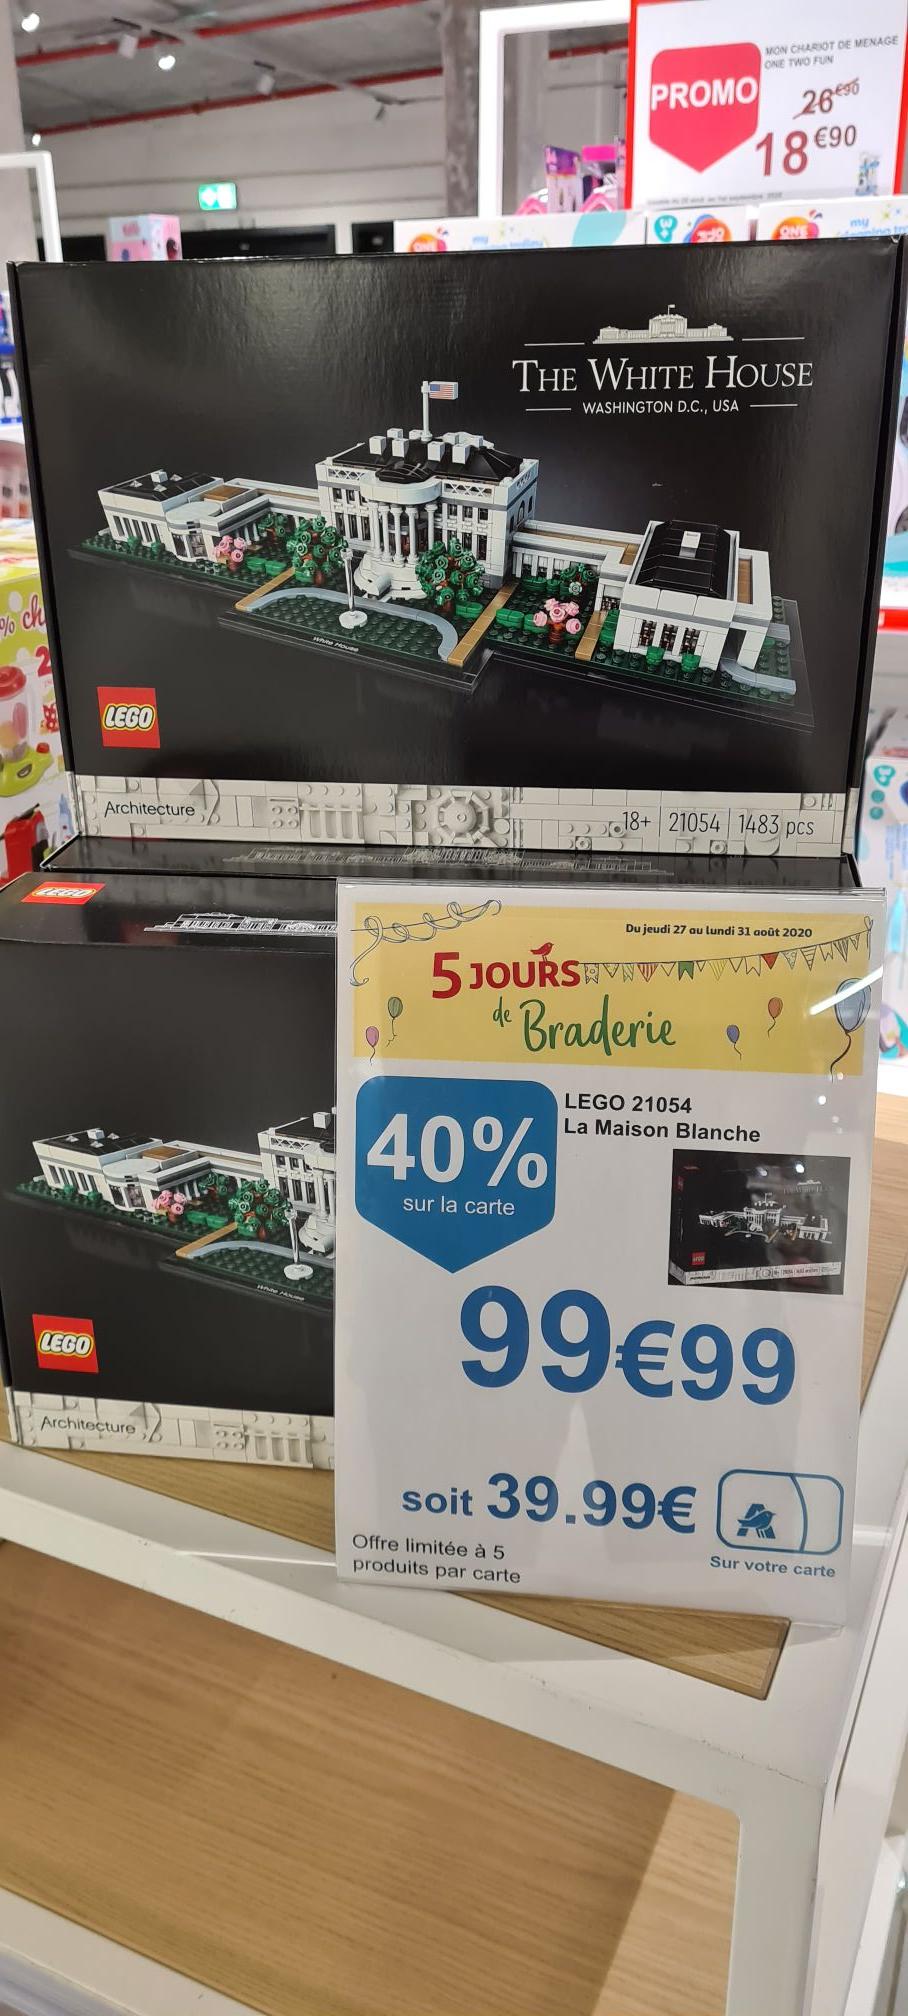 Jouet Lego Architecture - La Maison Blanche 21054 (via 39.99€ sur la carte de fidélité) - frontaliers Luxembourg